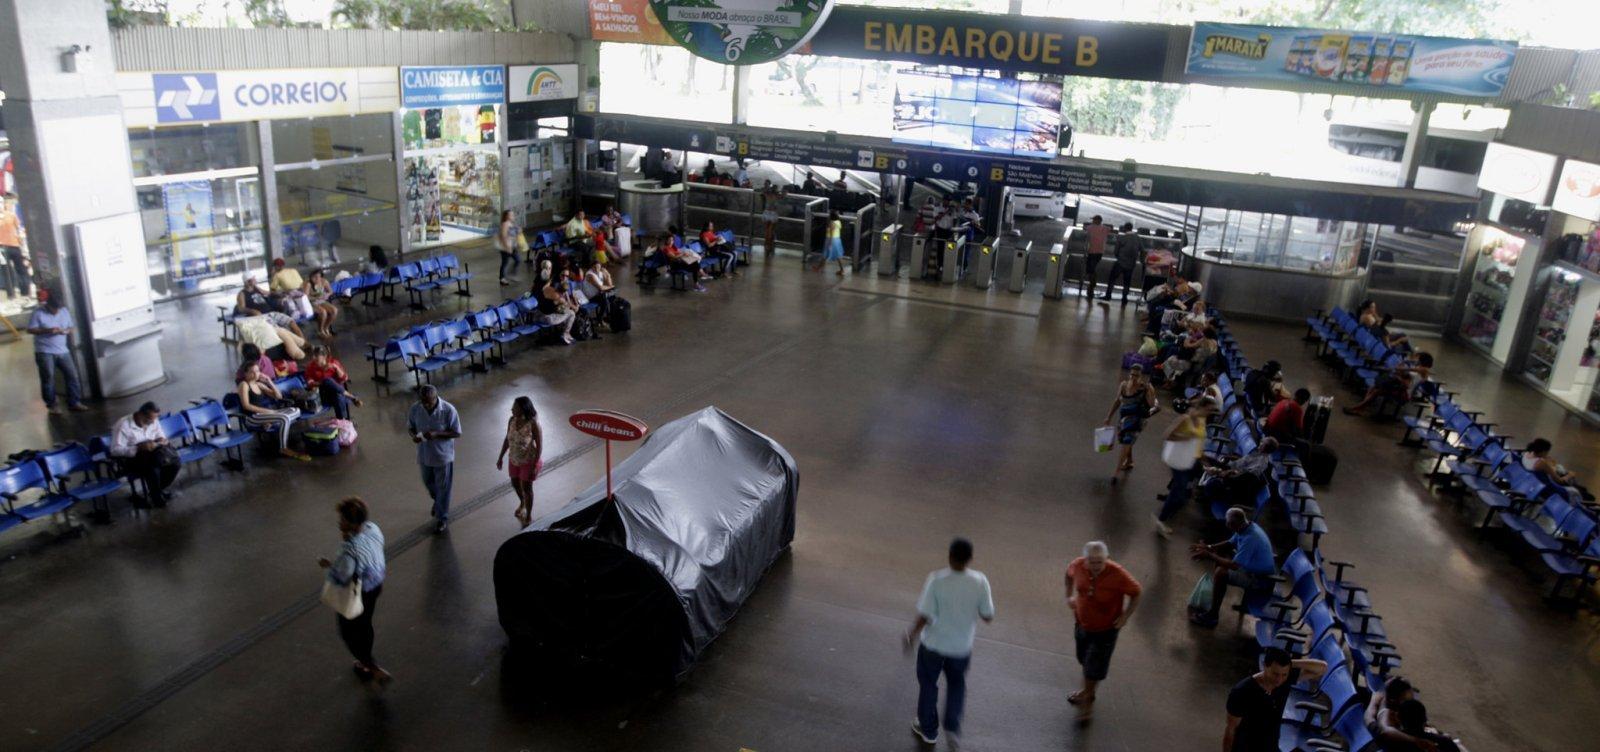 [Mais 10 cidades baianas adotam suspensão de transporte intermunicipal a partir desta sexta]